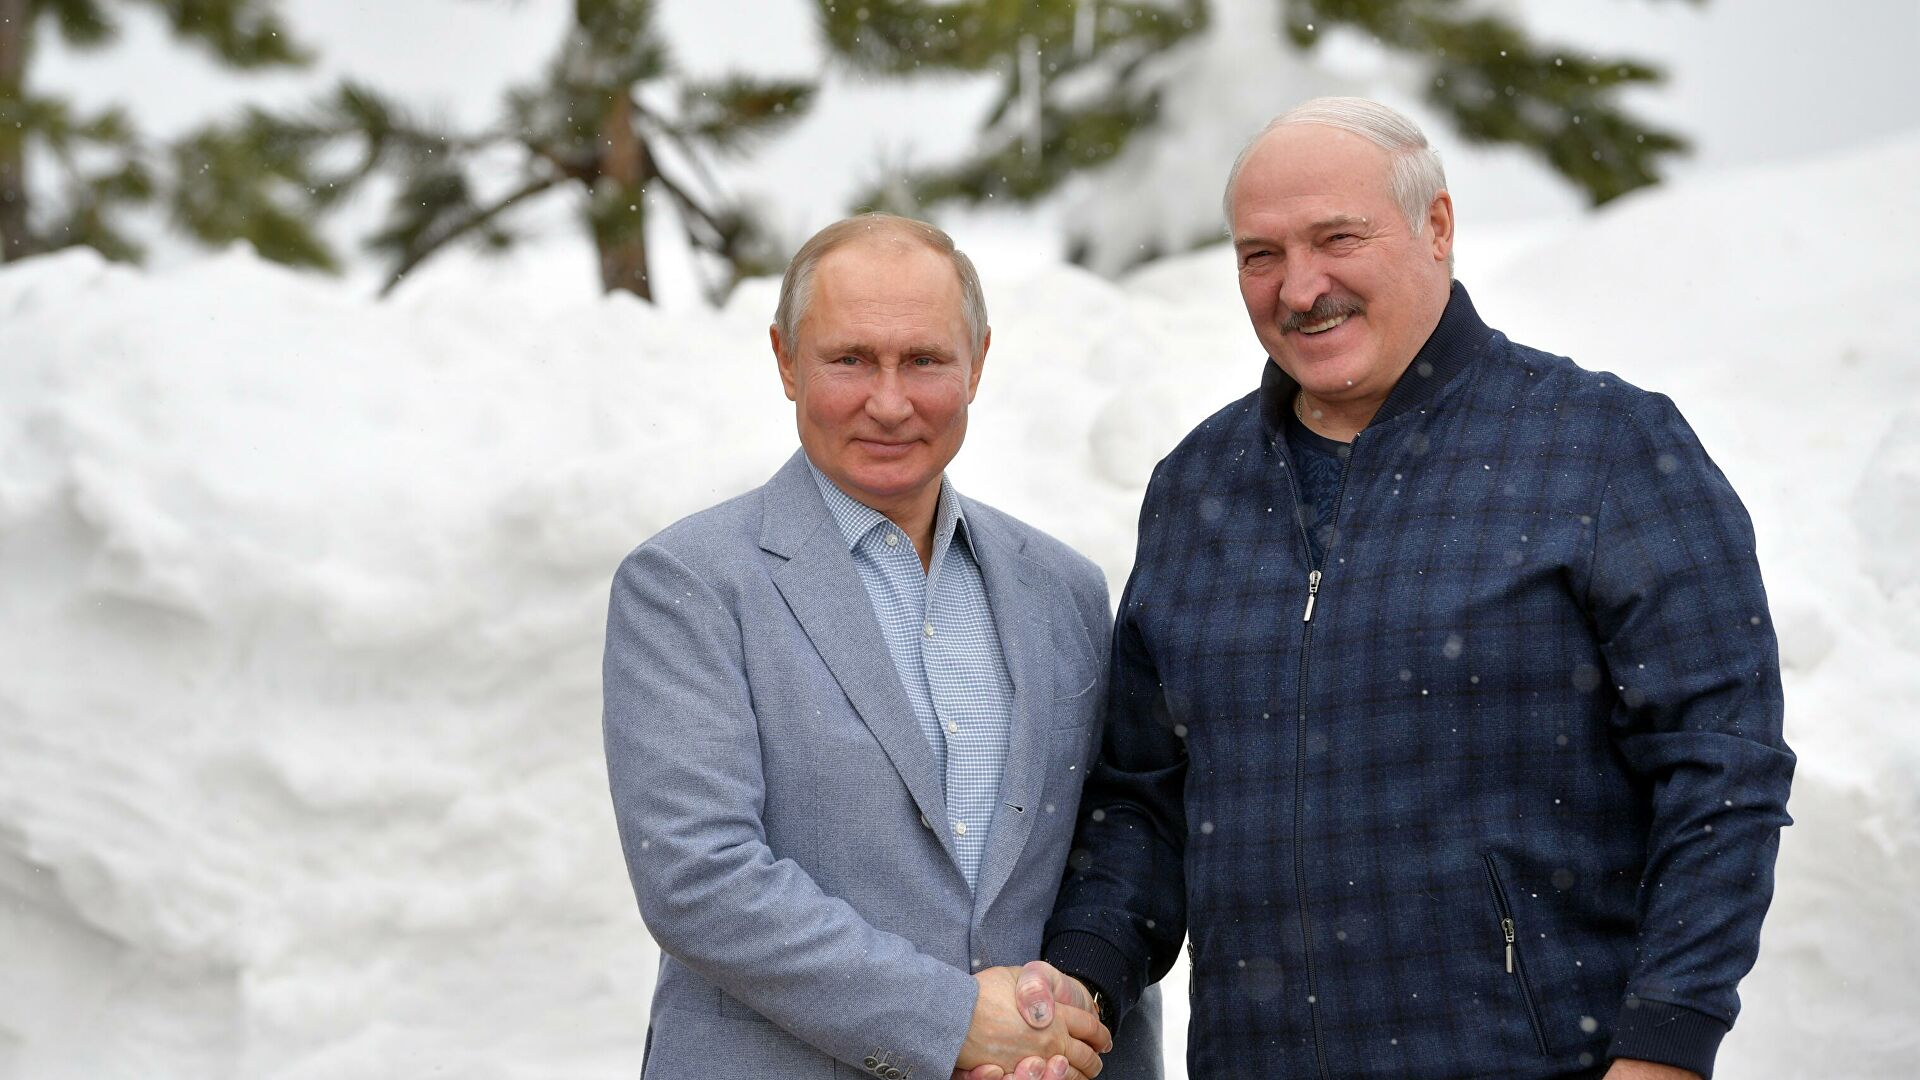 Путин: Ниво интеракције, стратешког партнерства и савеза потврђен између Белорусије и Русије